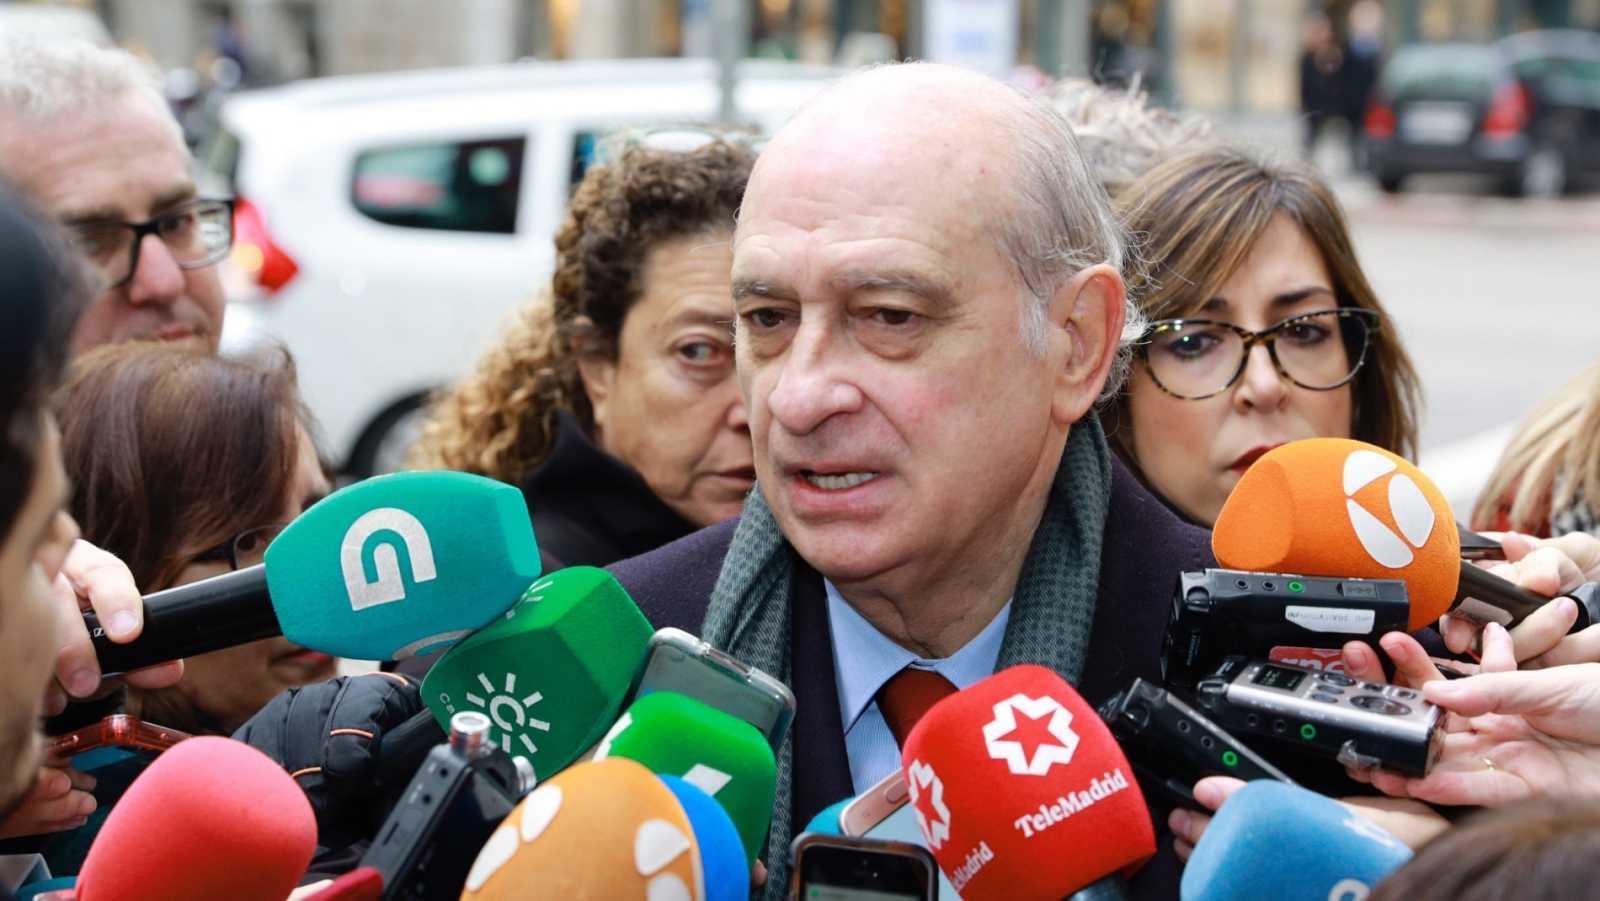 El diputado popular y exministro Jorge Fernández Díaz, en una imagen de archivo.